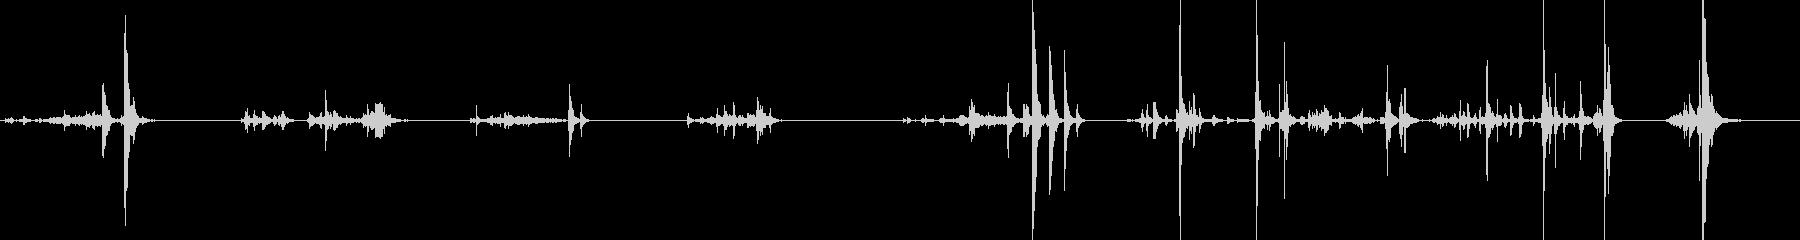 ドレッサードロワー1;ドレッサー引...の未再生の波形